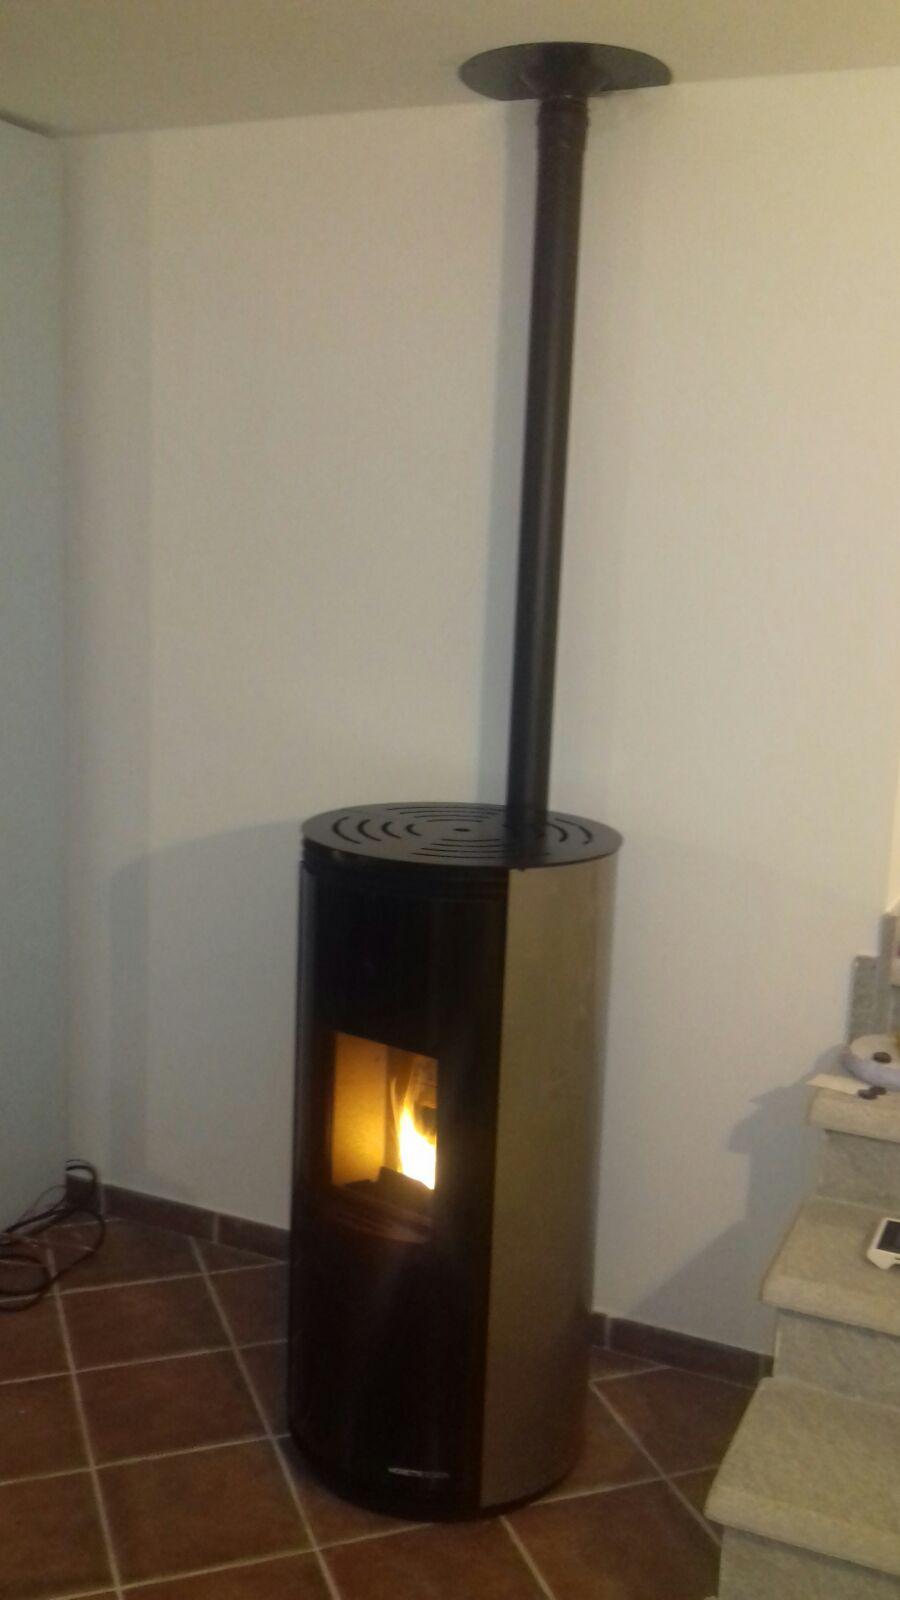 Installazione e posa stufa moretti la bottega del fuoco for Ricambi stufe scan